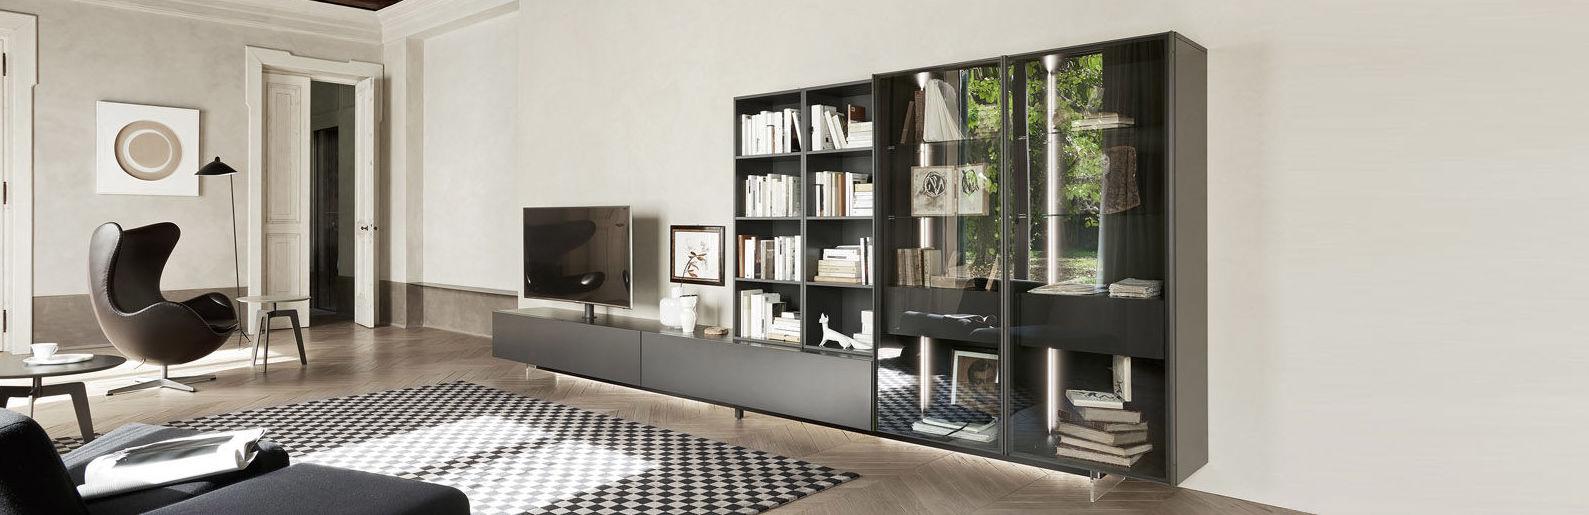 Foto 1 De Reformas Y Decoraci N De Interiores En Azpeitia Ideeform # Muebles Hogar Azpeitia